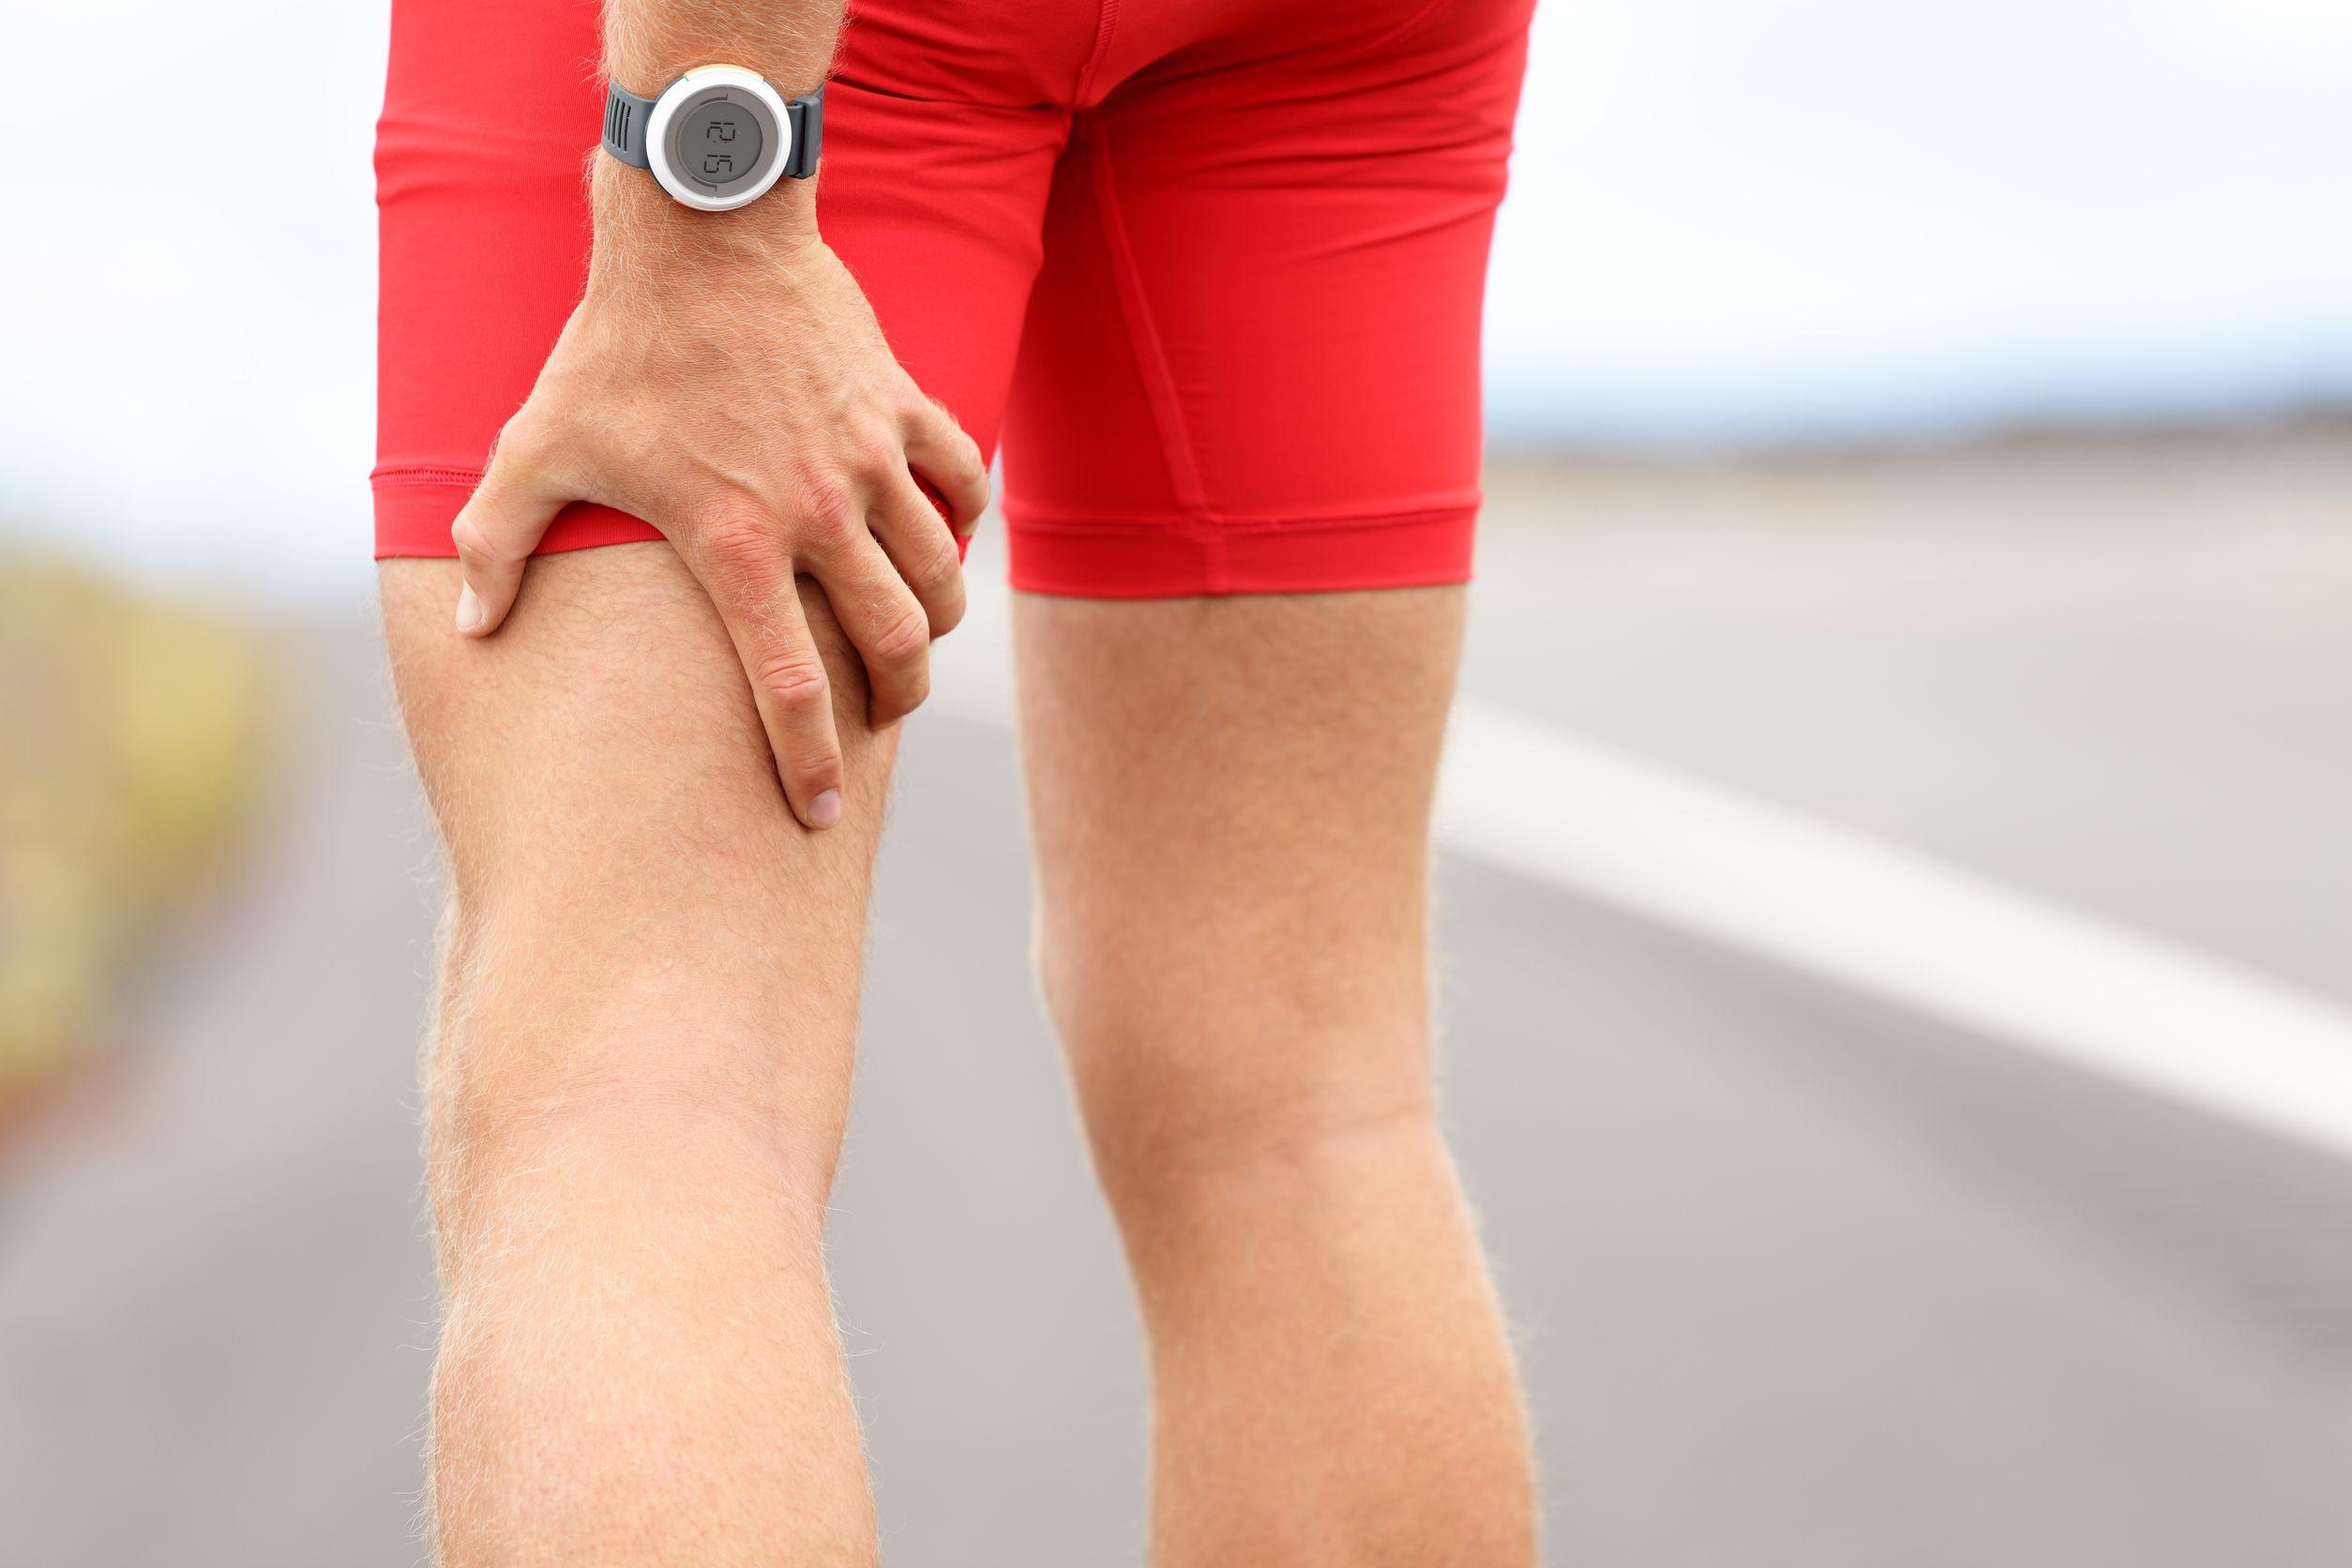 Chấn thương gân kheo không còn quá xa lạ với người chơi thể thao